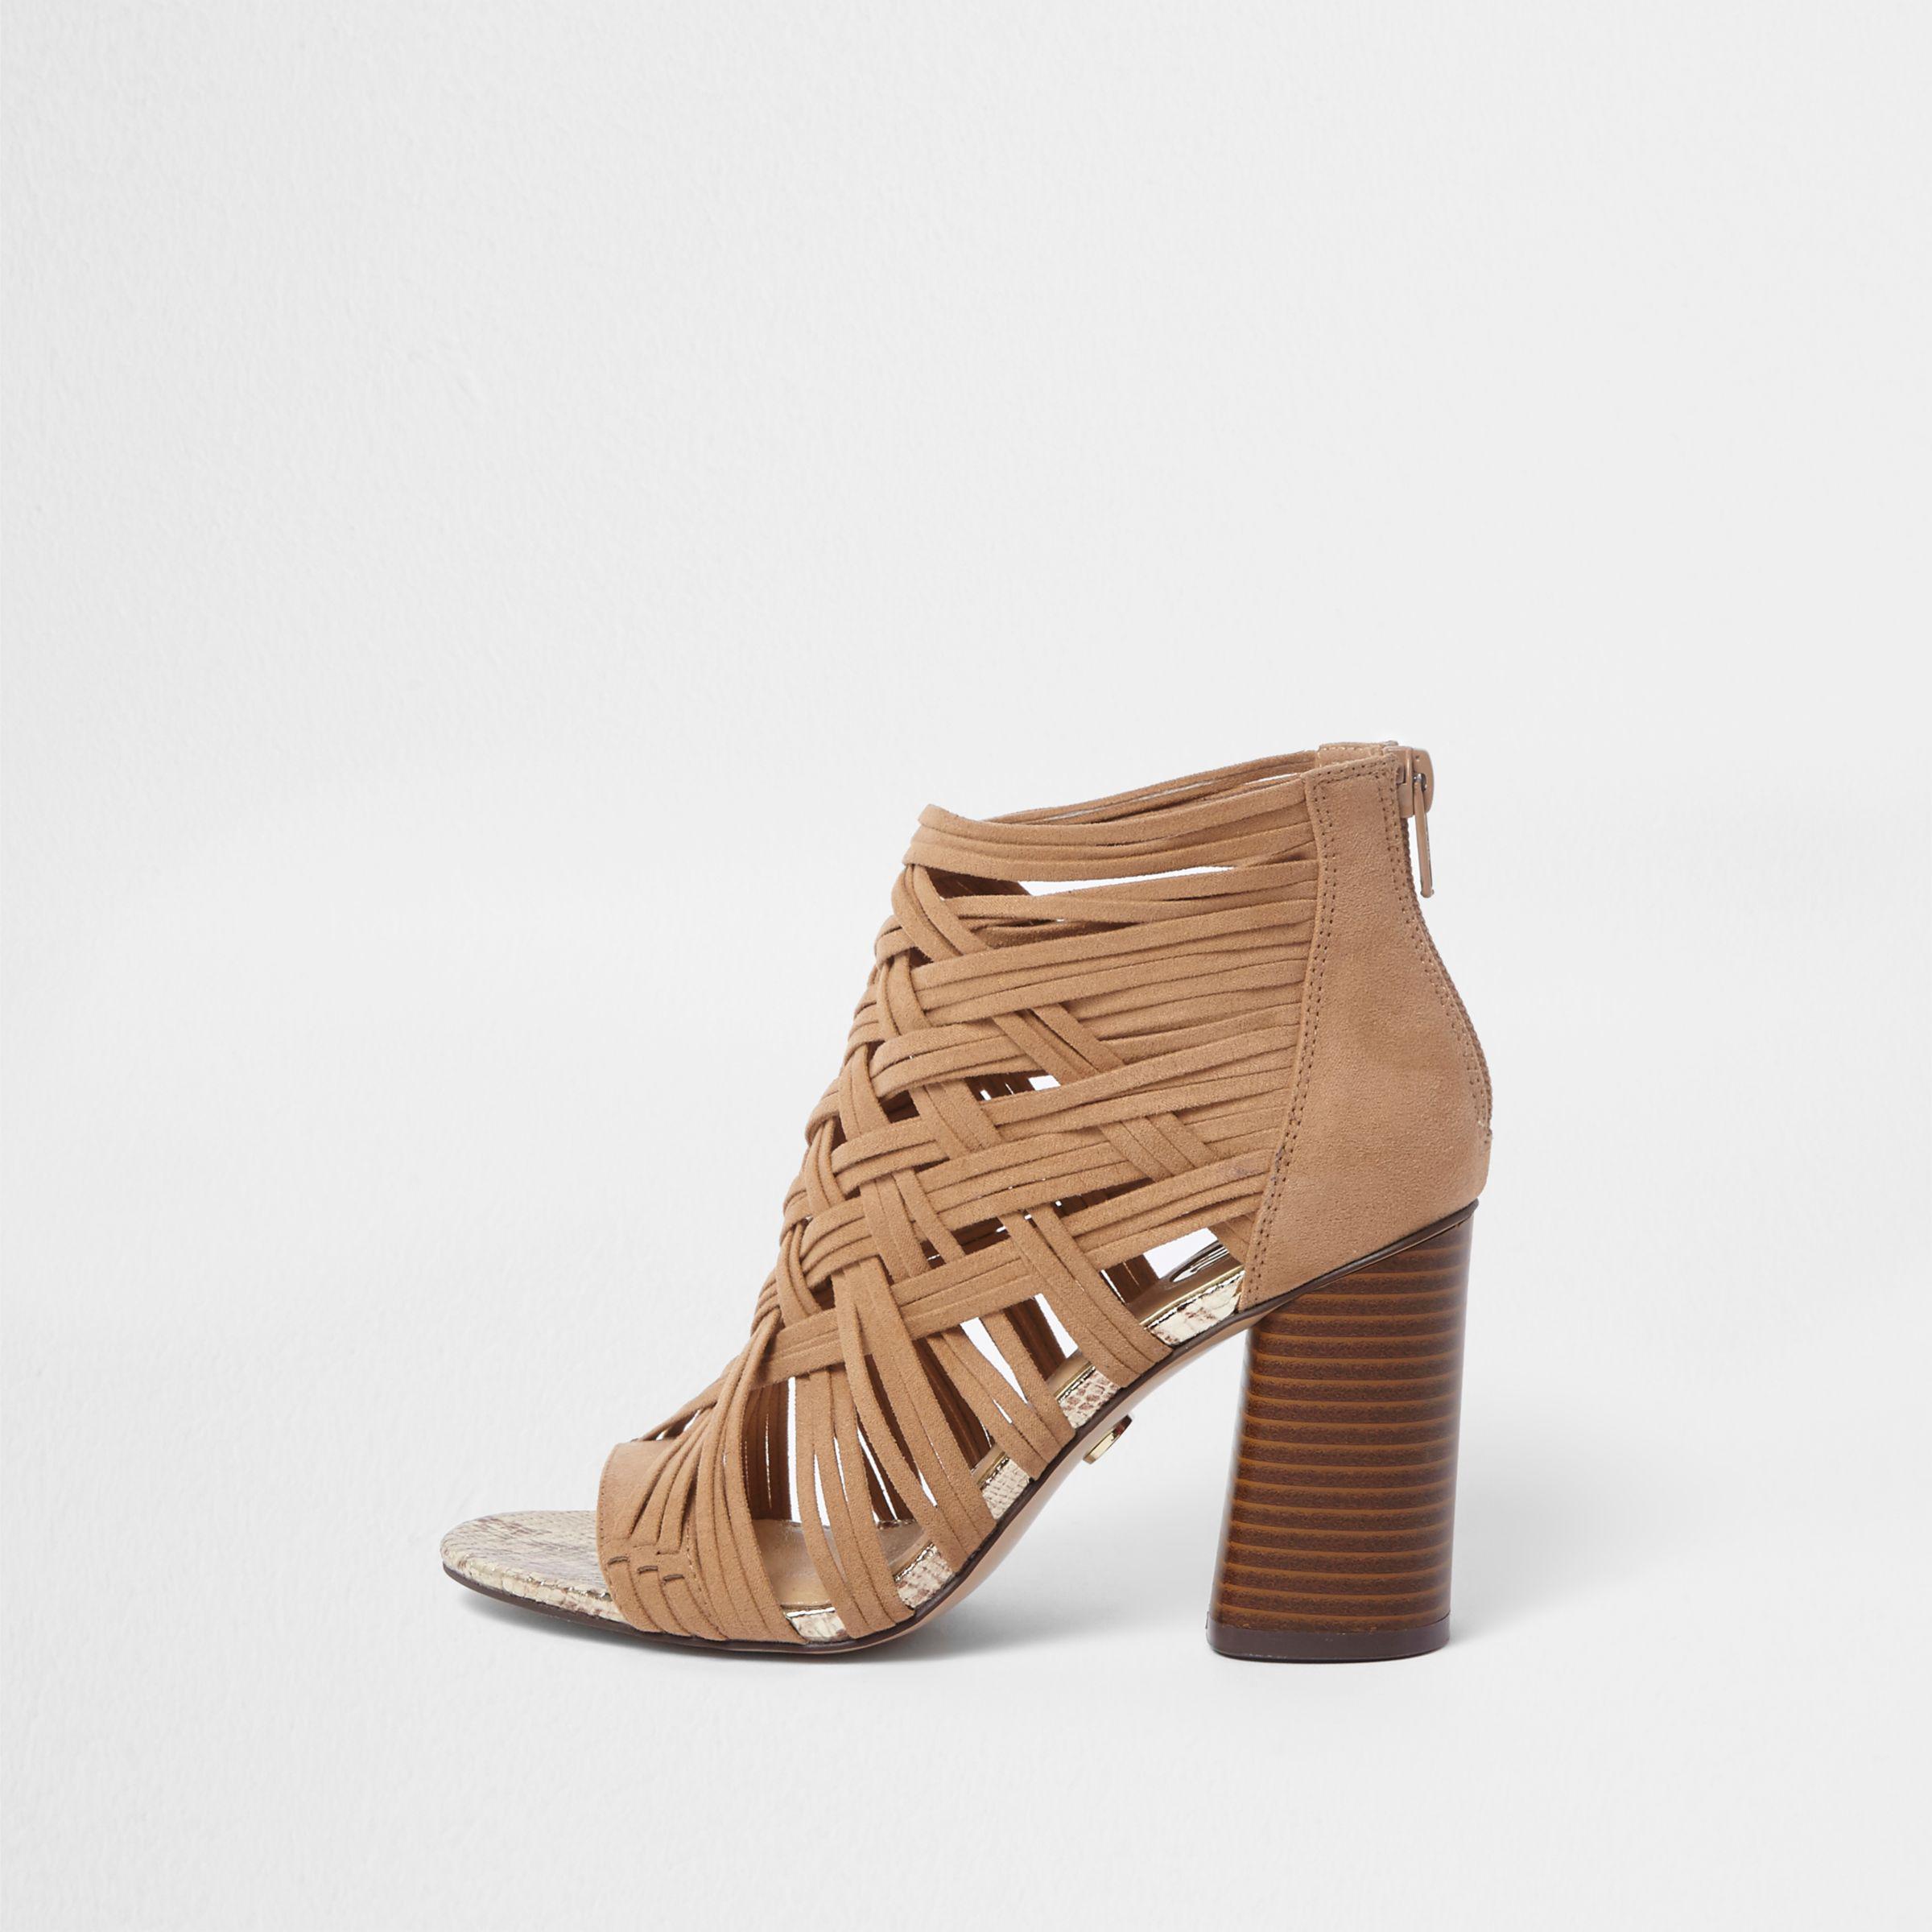 f8530cf23dc Lyst - River Island Light Brown Lattice Block Heel Sandals in Brown